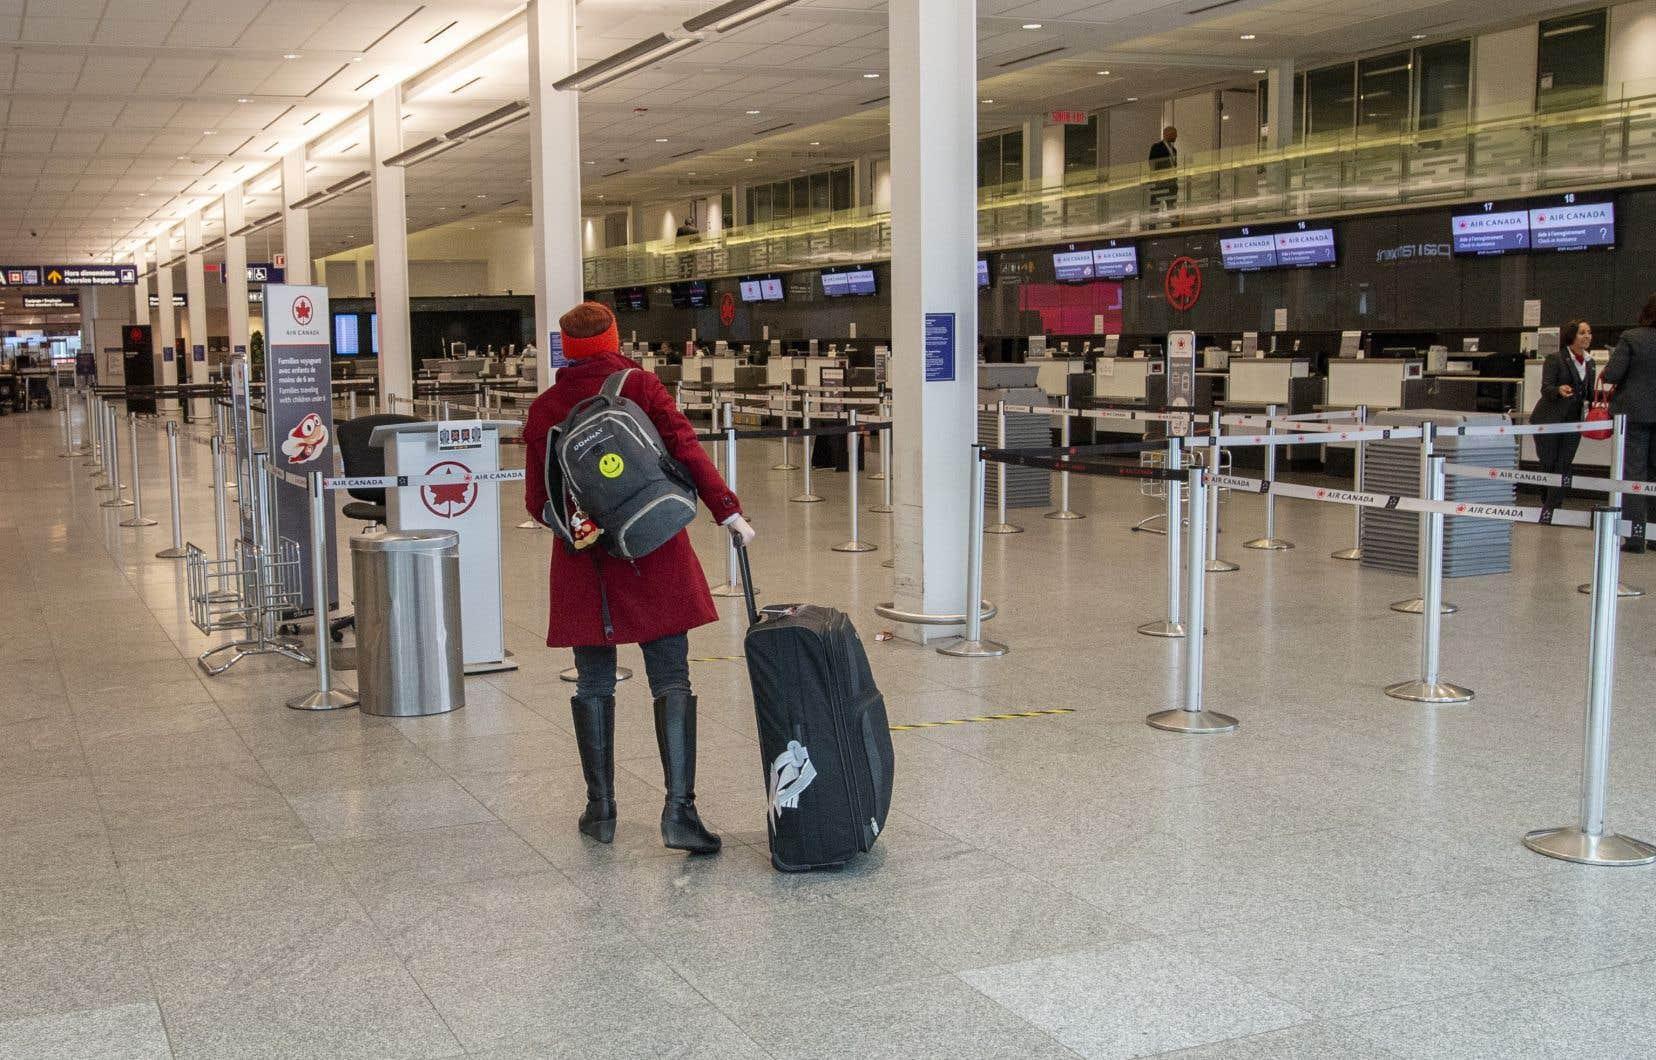 Le congé de loyer pour les aéroports ira de mars à décembre 2020. Ottawa calcule que ce sera 331,4millions de dollars qui ne lui seront pas versés.